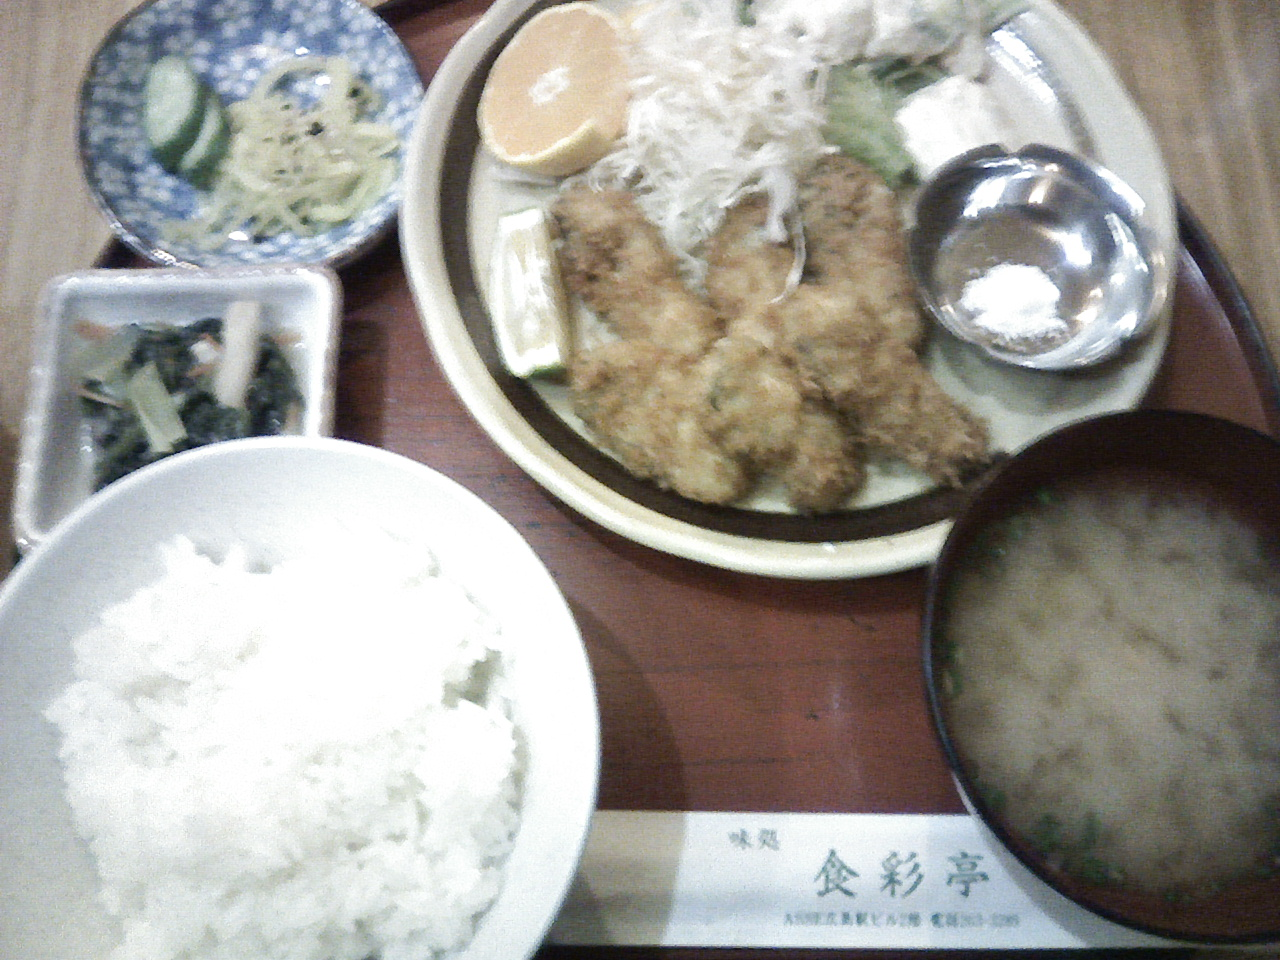 昨日は今年最初の広島の牡蠣(カキ)を食べました♪_b0137453_15565621.jpg